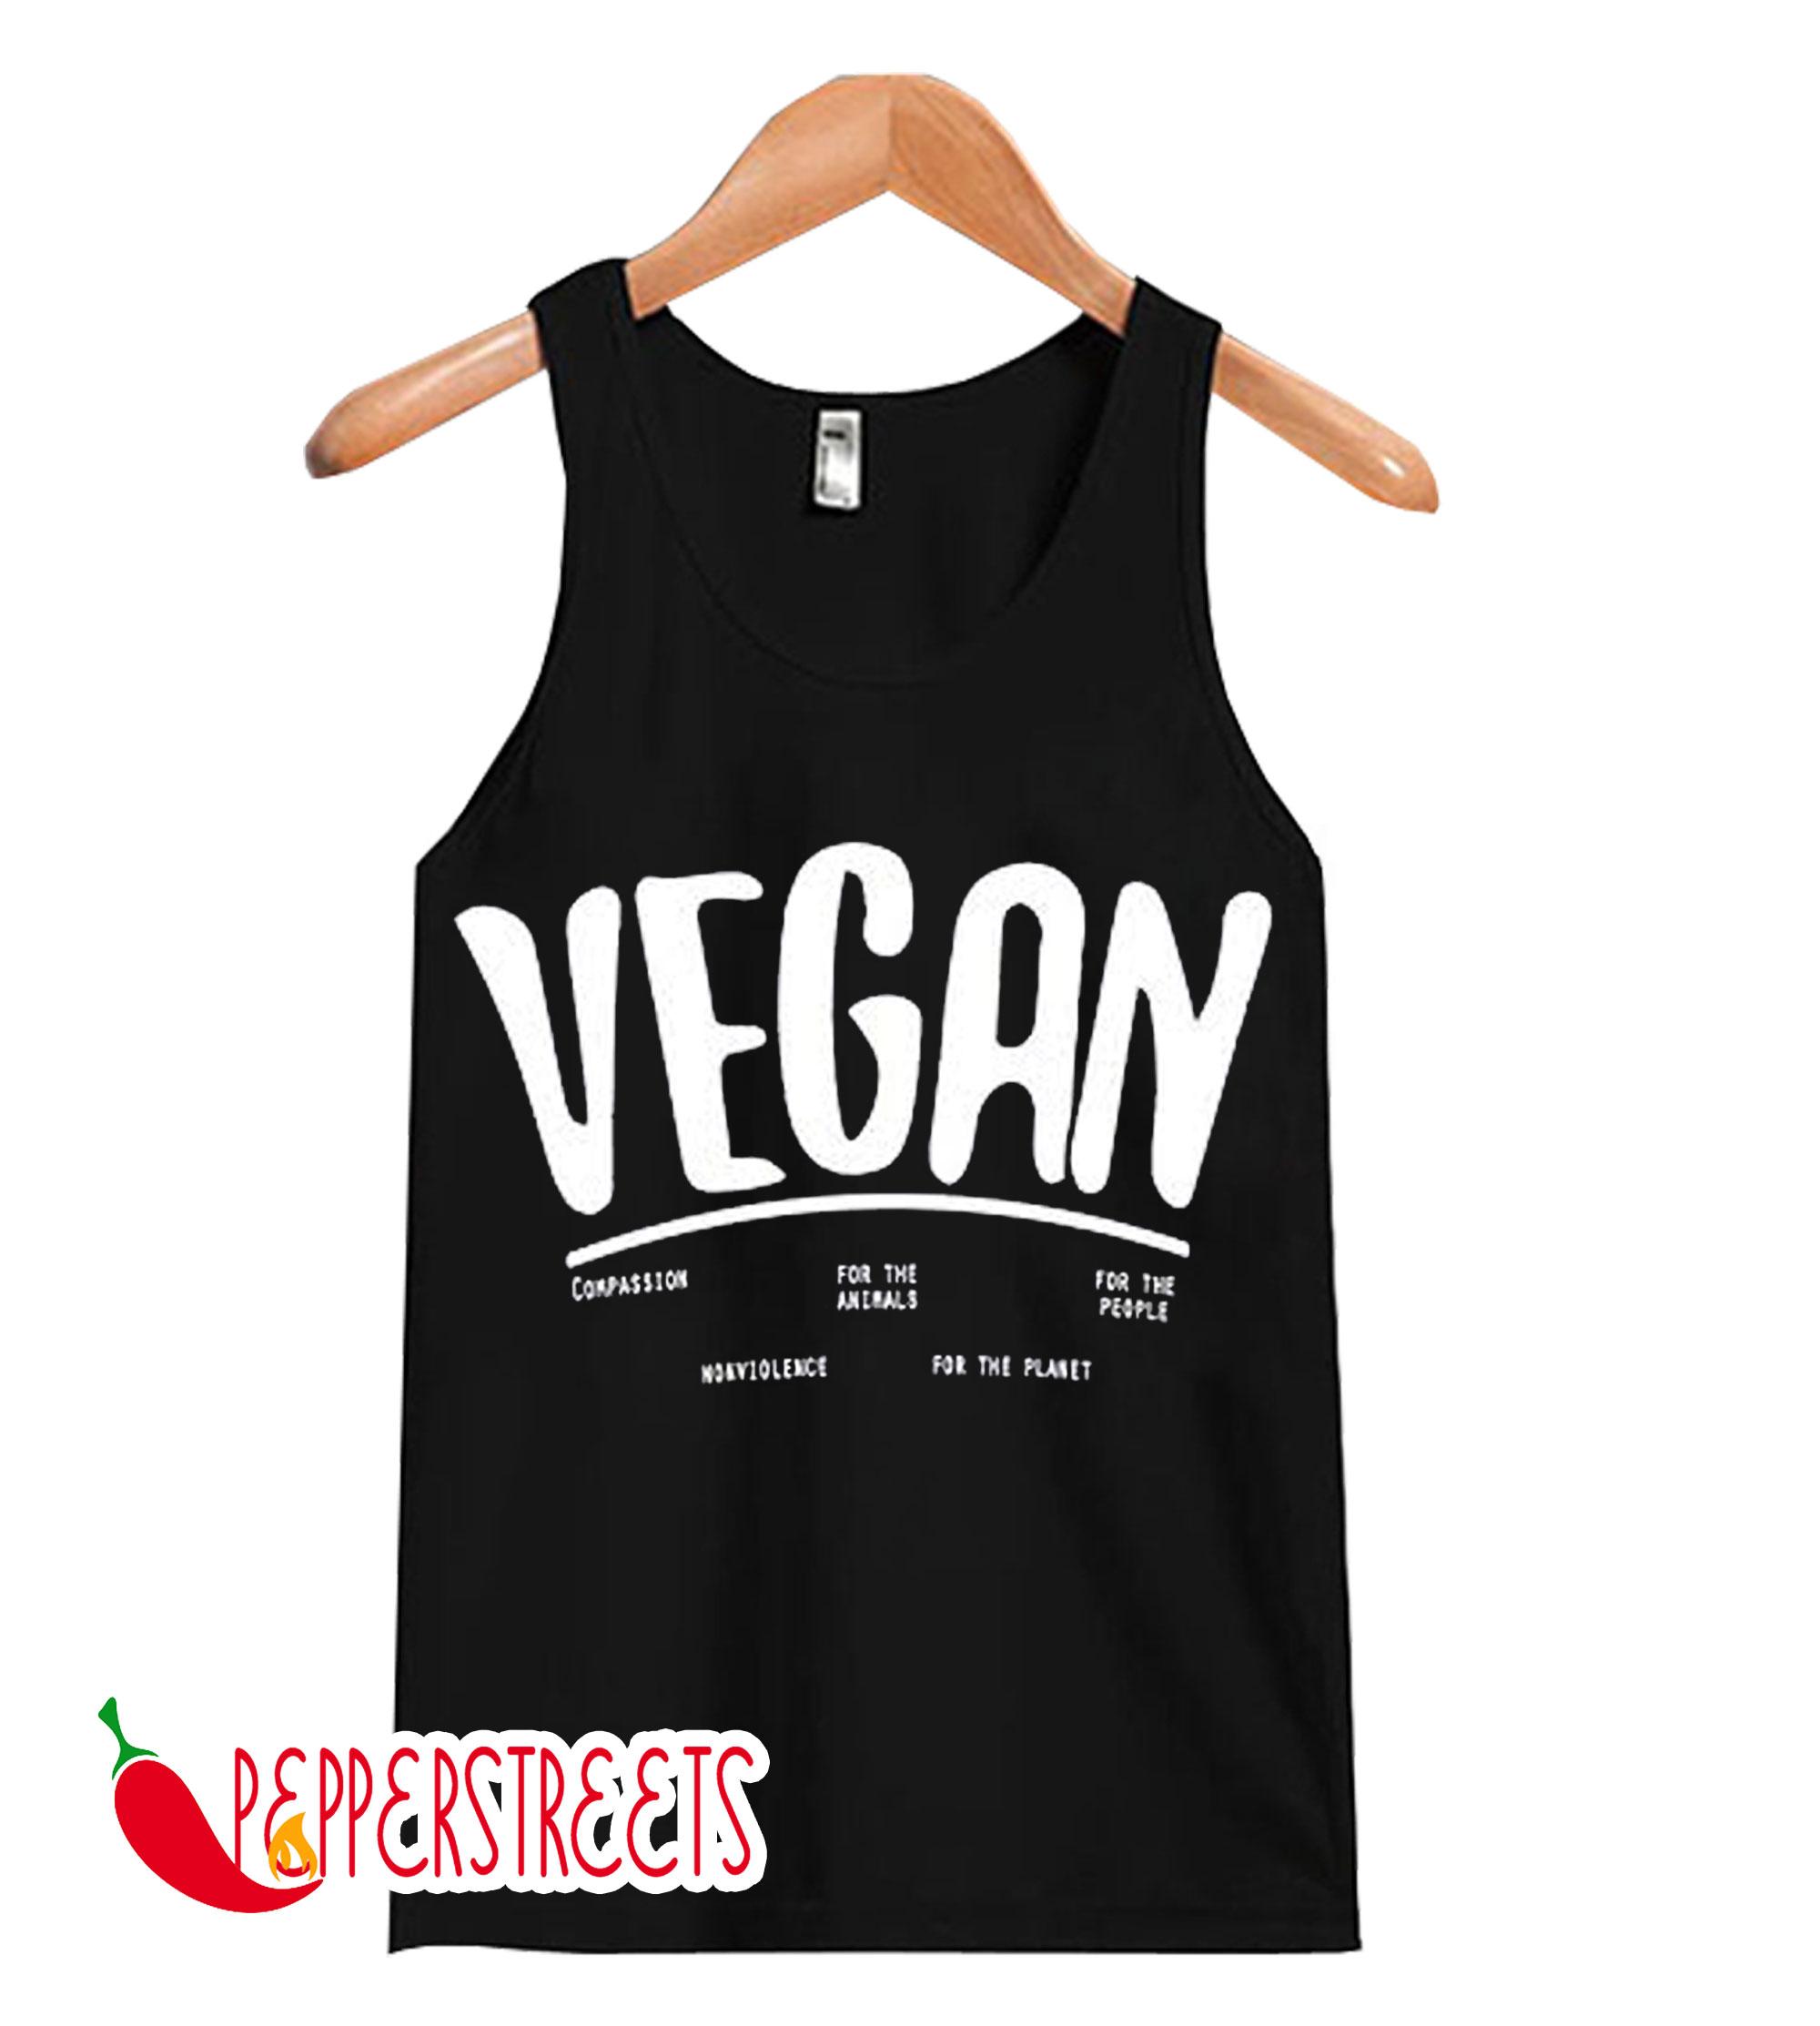 Vegan Men's Vegetarian Tank Tops